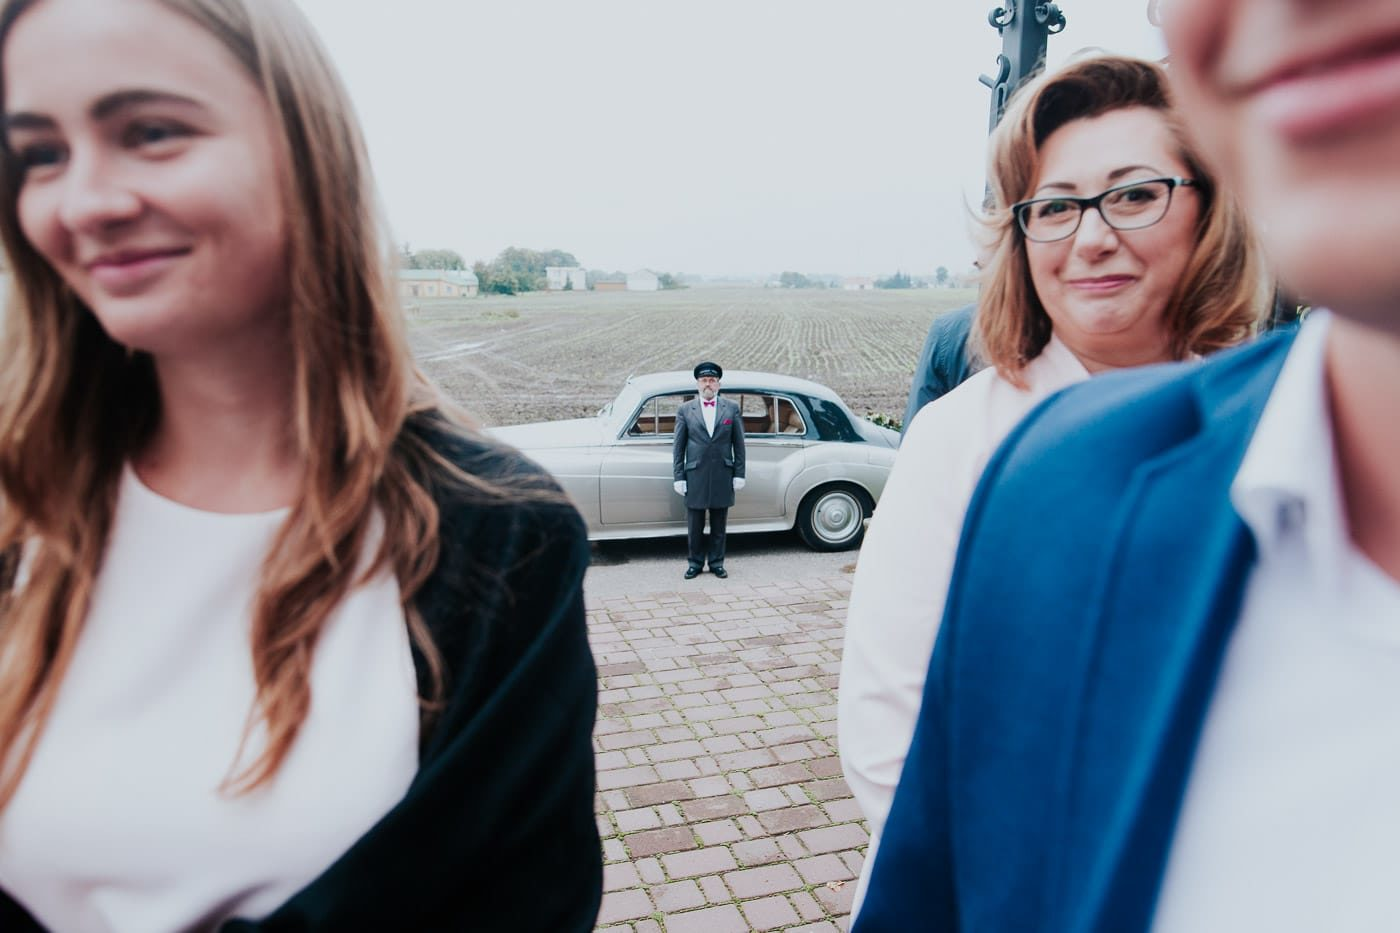 Maciej Sobol fotograf ślubny Toruń Kujawsko Pomorskie 29 1400x933 - Patrycja & Michał - fotografia ślubna [Ciechocin / Toruń]